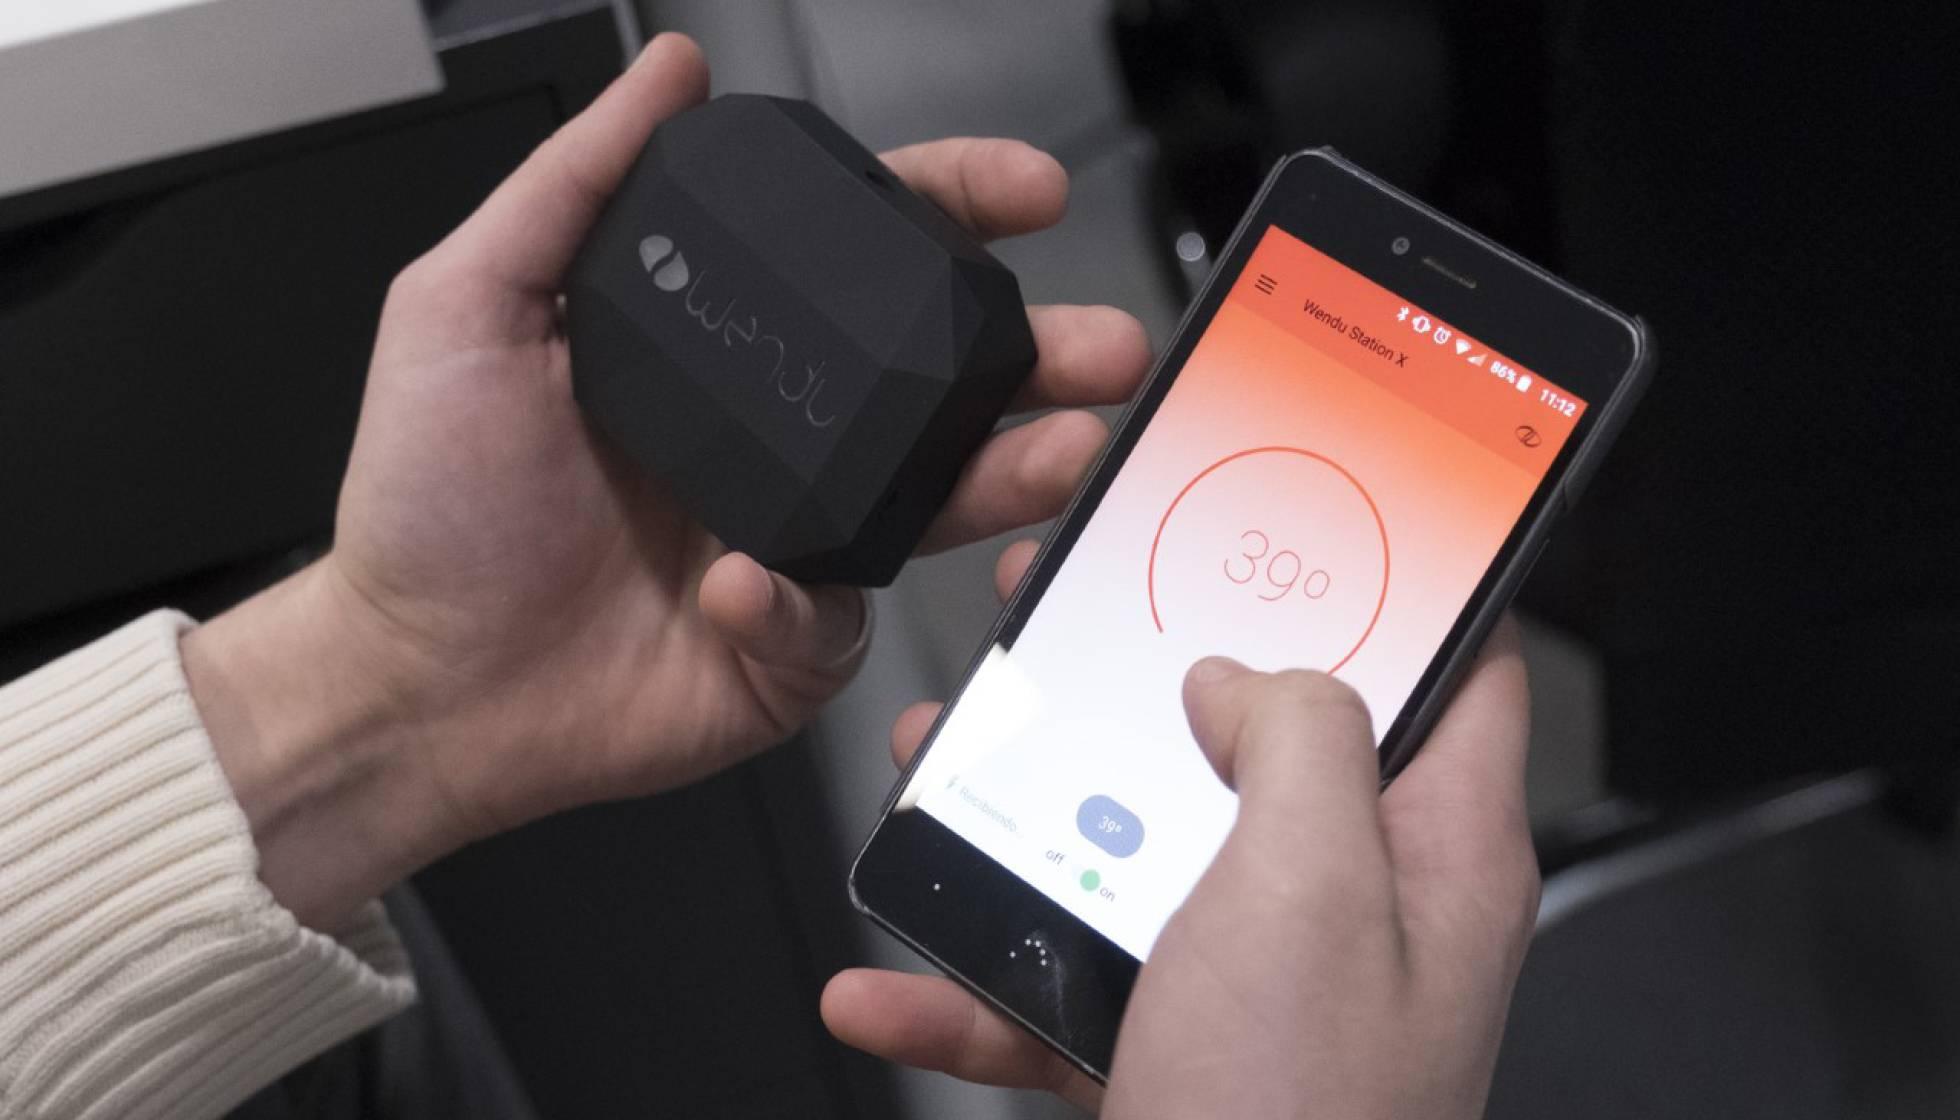 4bcb3af25 Un dispositivo para llevar bajo la ropa que genera frío y calor ...